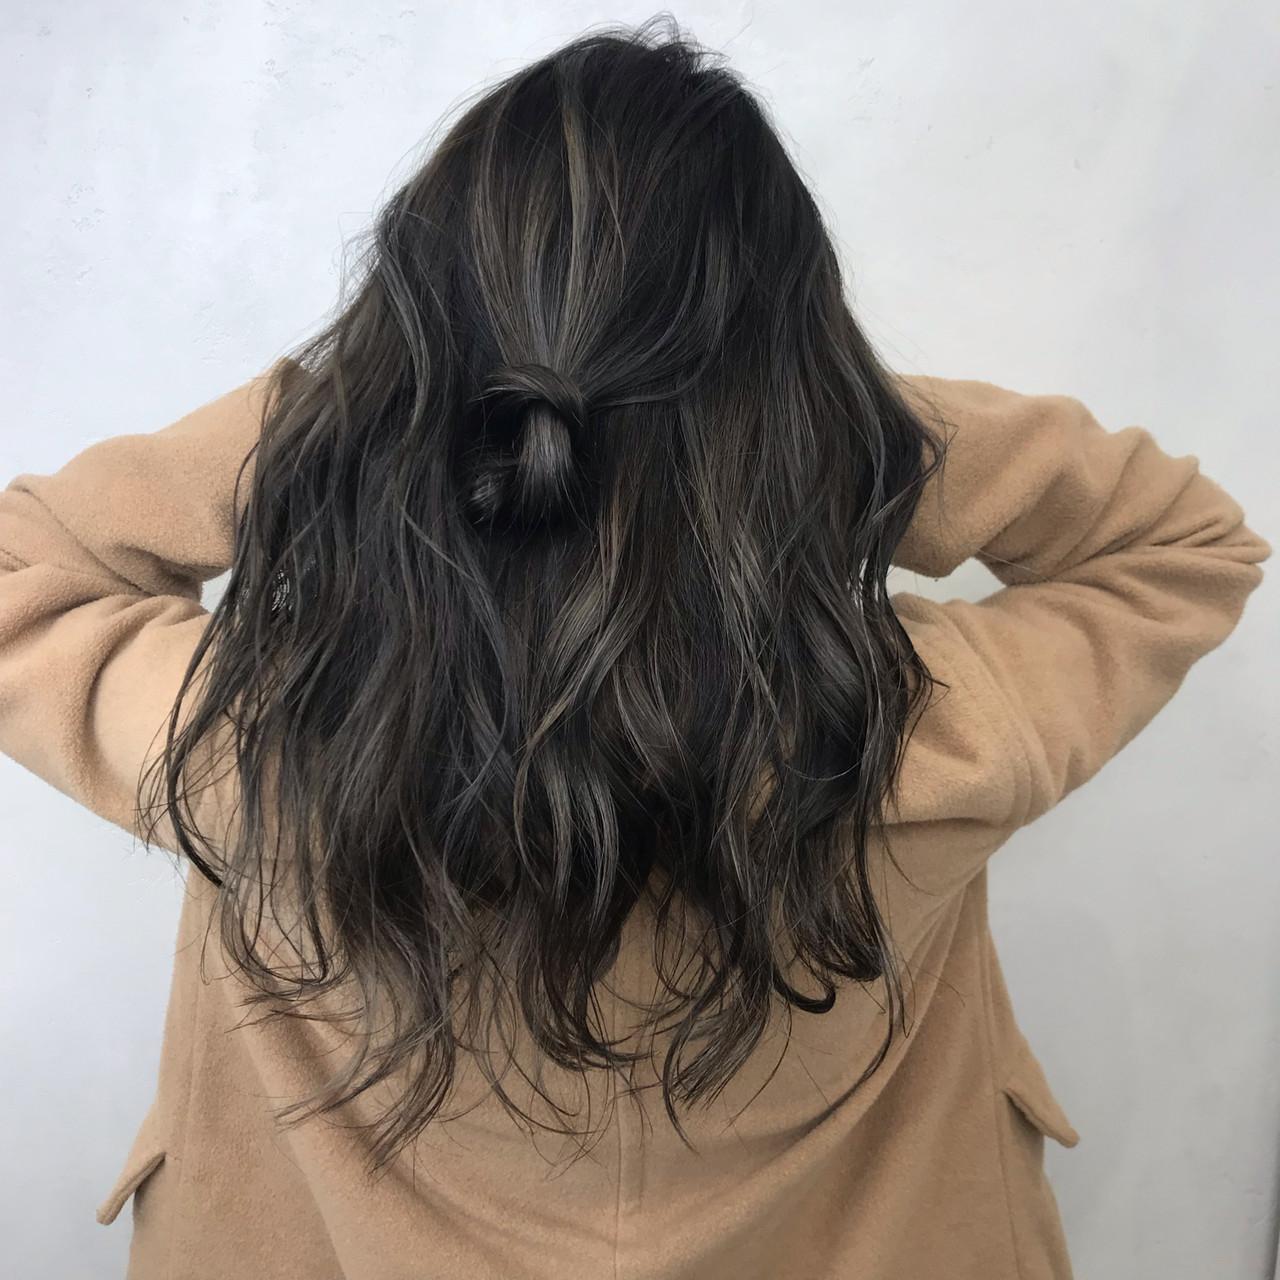 秋 冬 透明感 アッシュ ヘアスタイルや髪型の写真・画像 | クロサワ / LUFE byKENJE